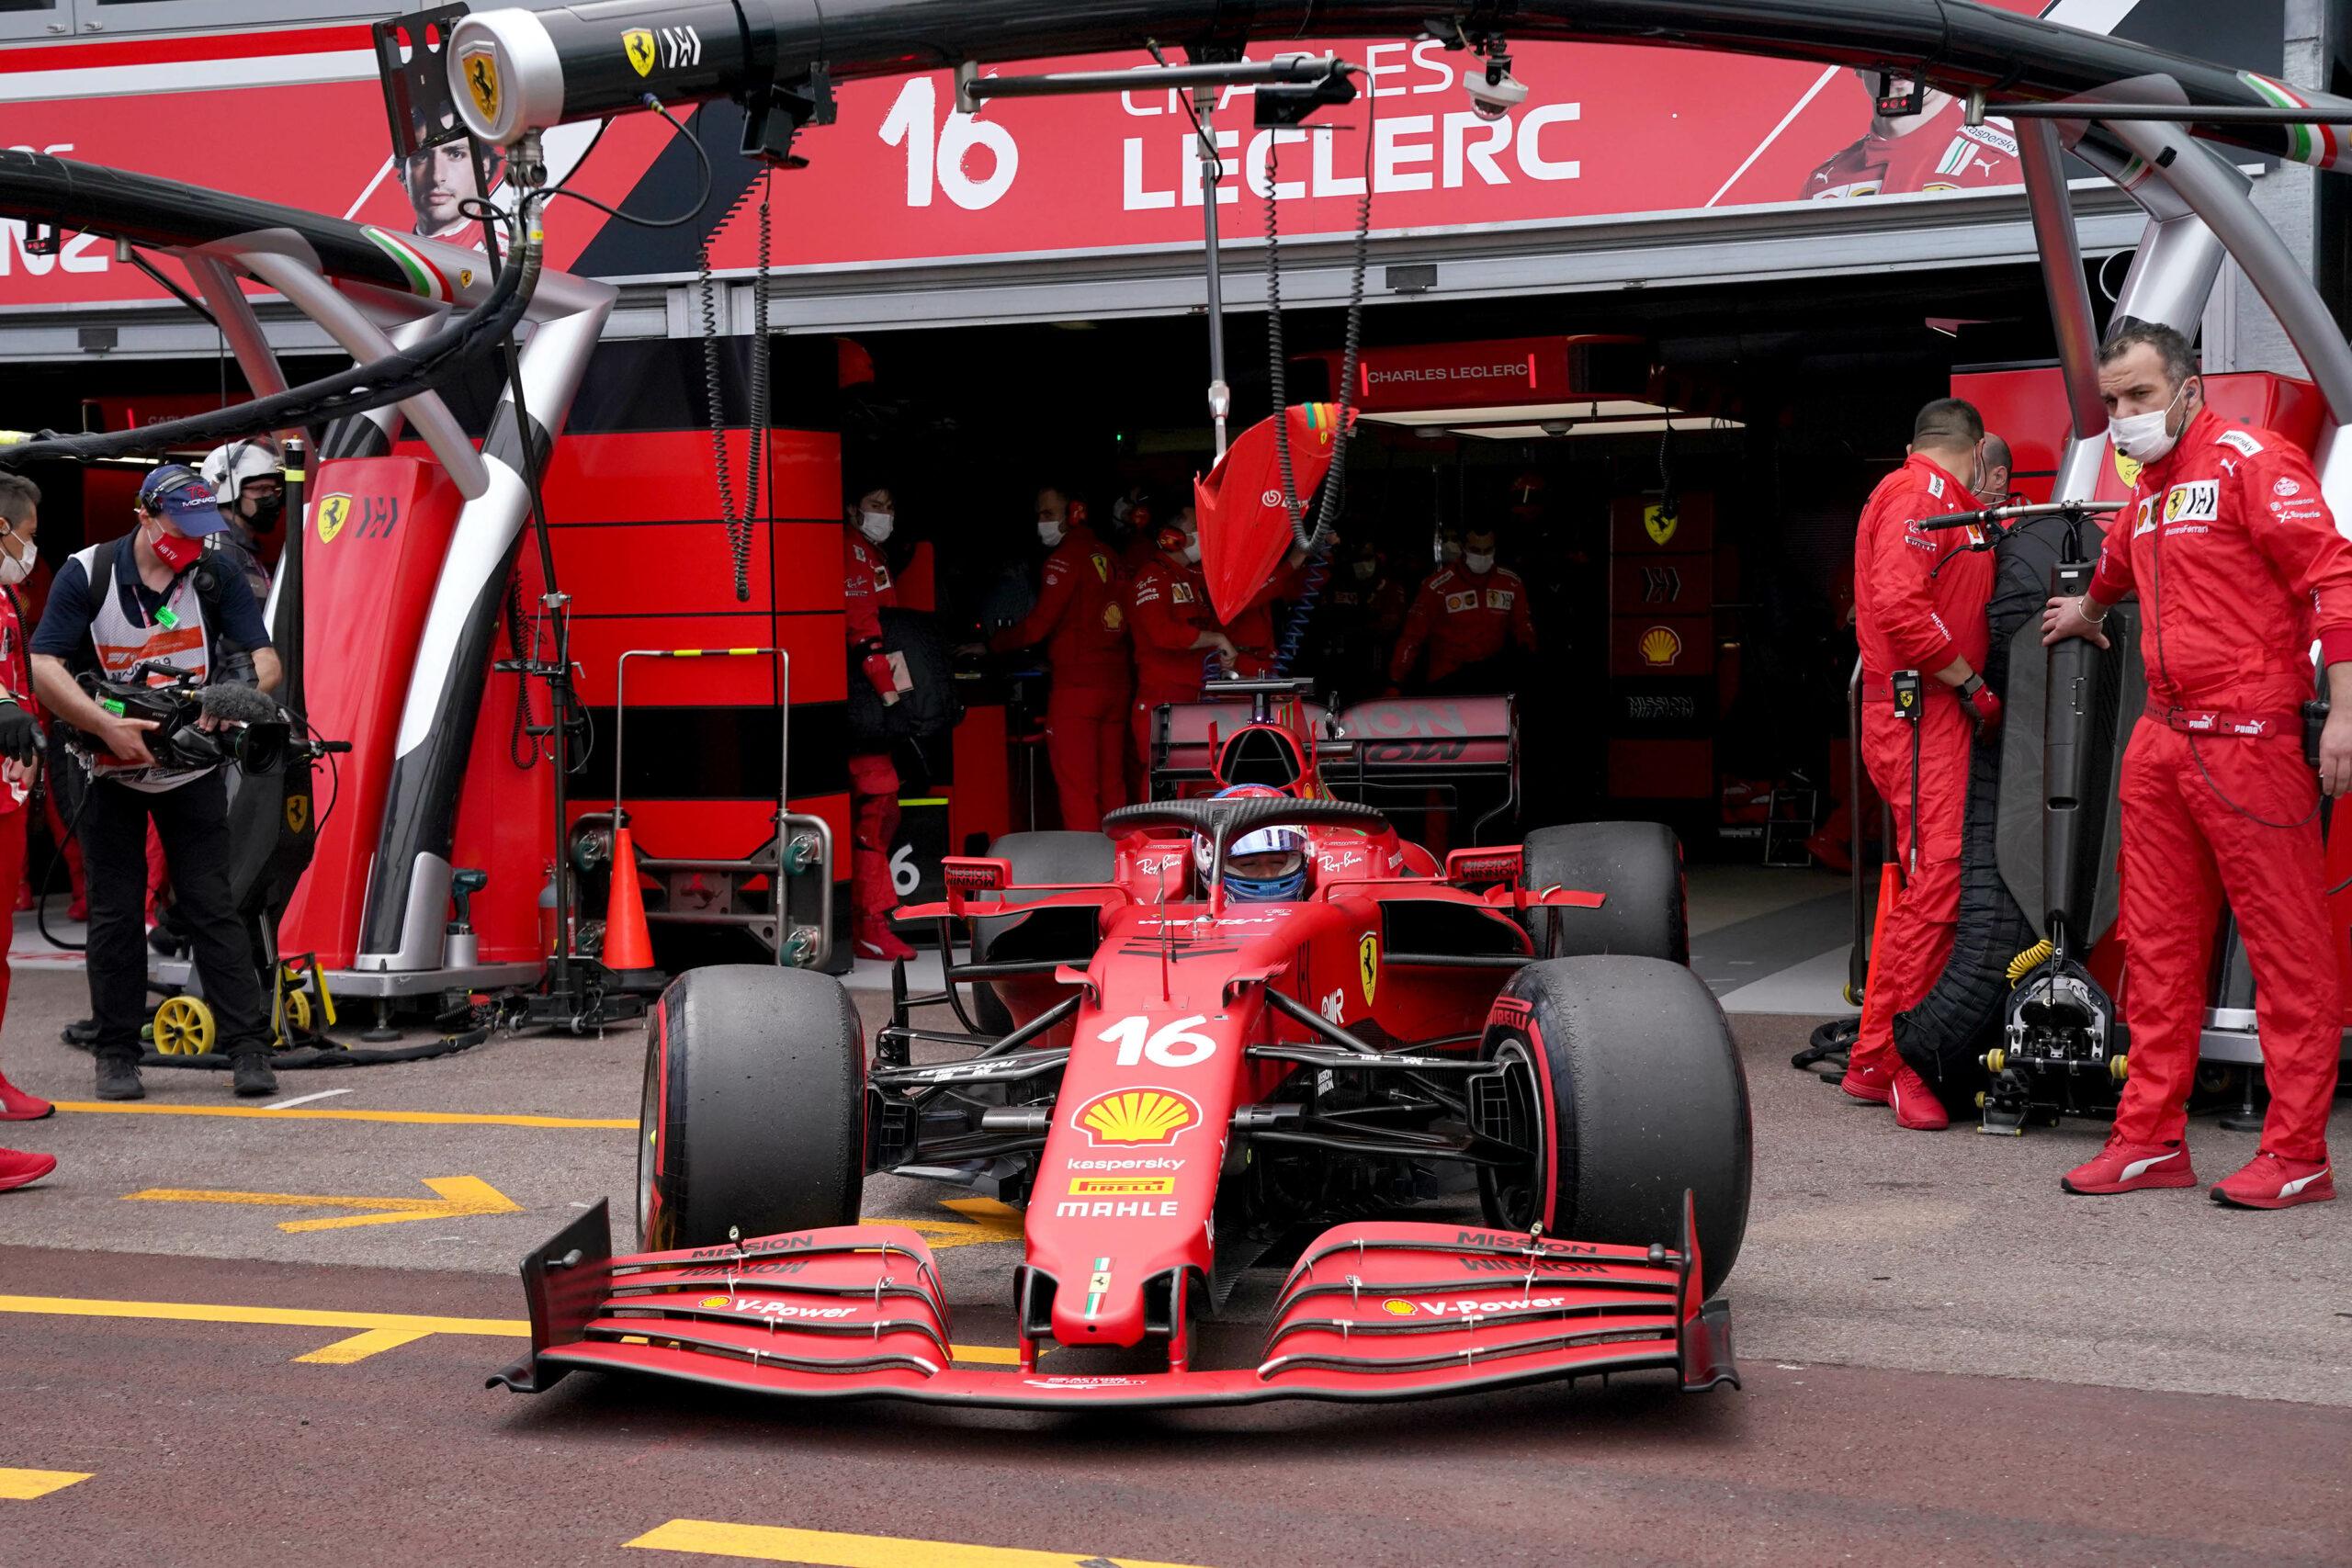 F1 - Ferrari vise toujours la P3 au championnat constructeurs en 2021